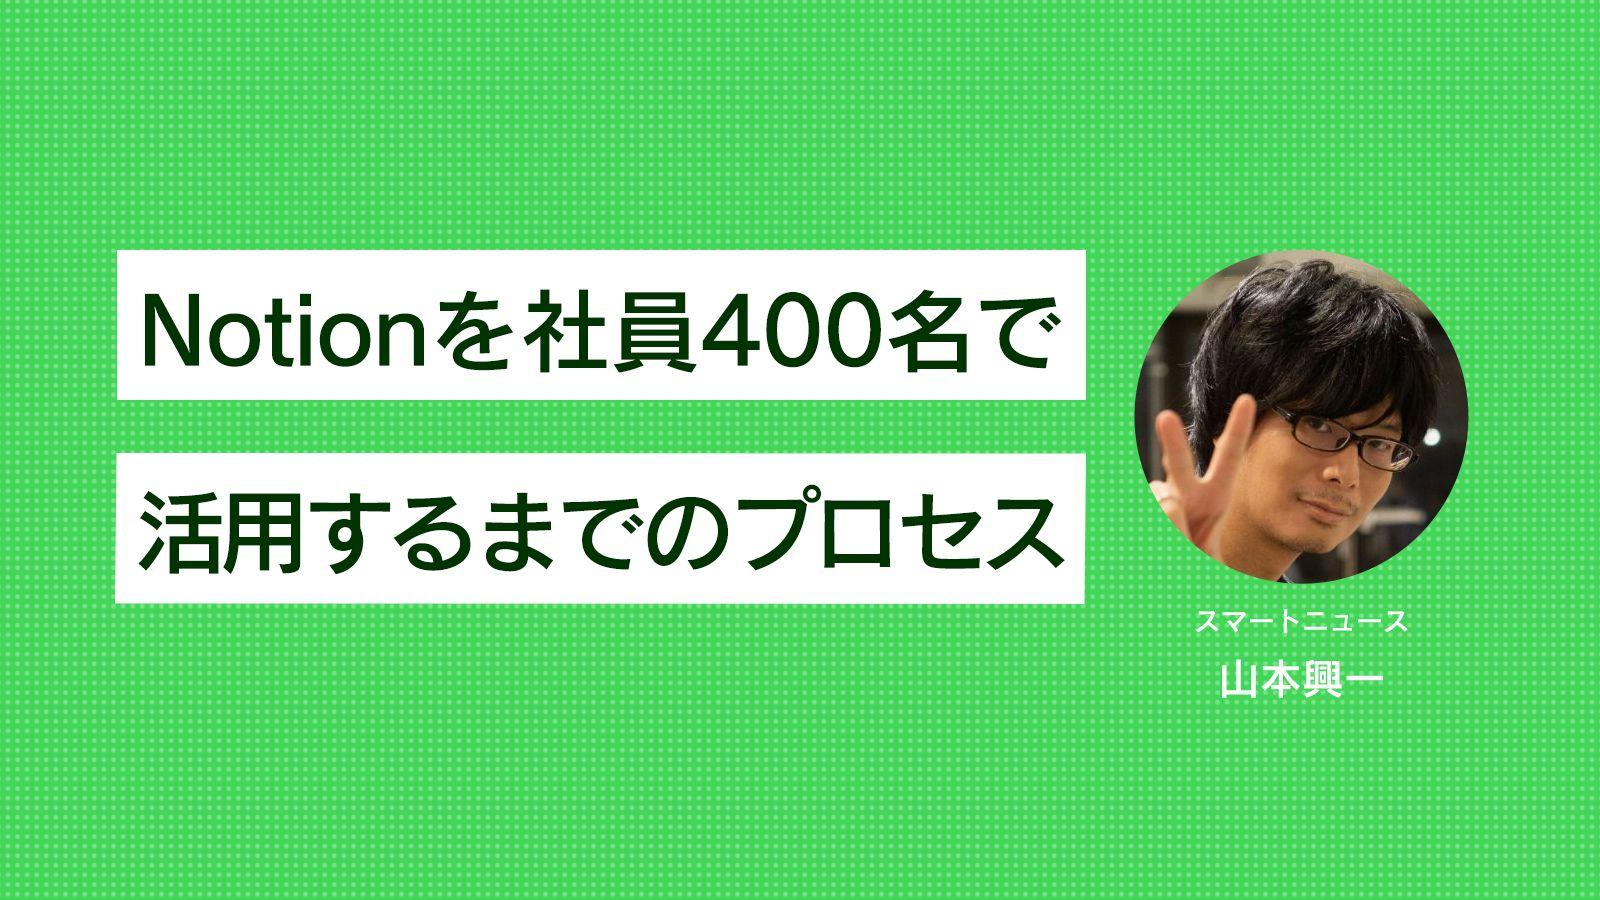 400名のチームにNotion導入。全プロセスを公開!スマートニュースの場合